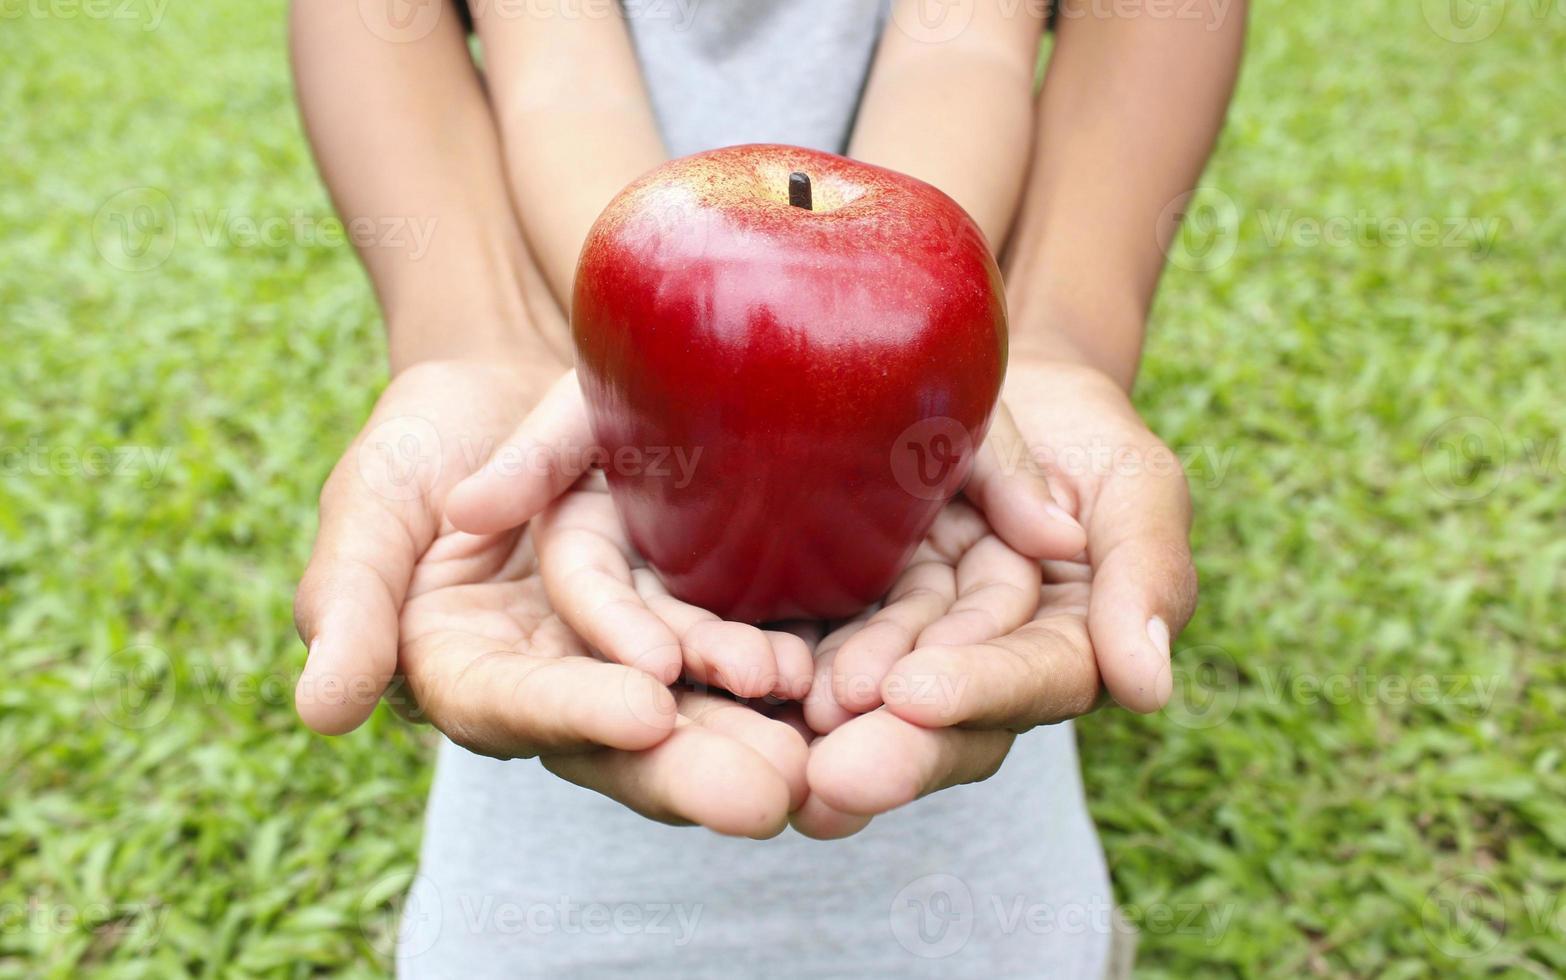 mani adulte che tengono le mani del bambino con la mela rossa foto